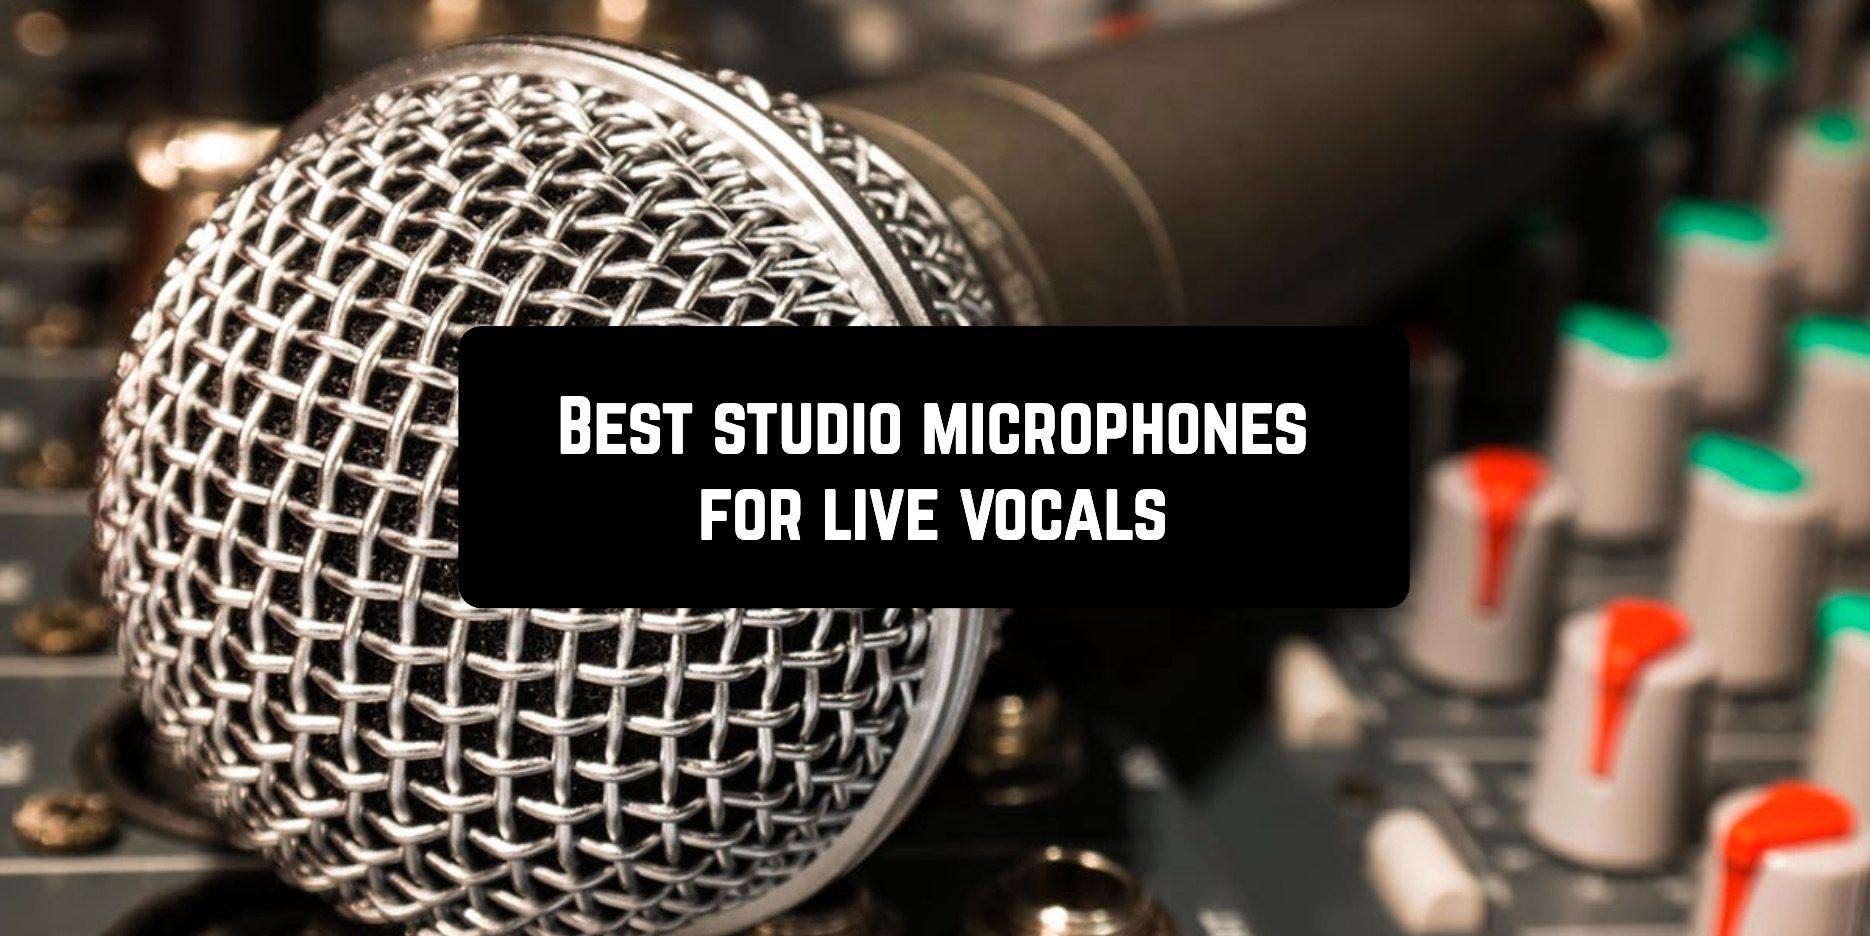 Best studio microphones for live vocals